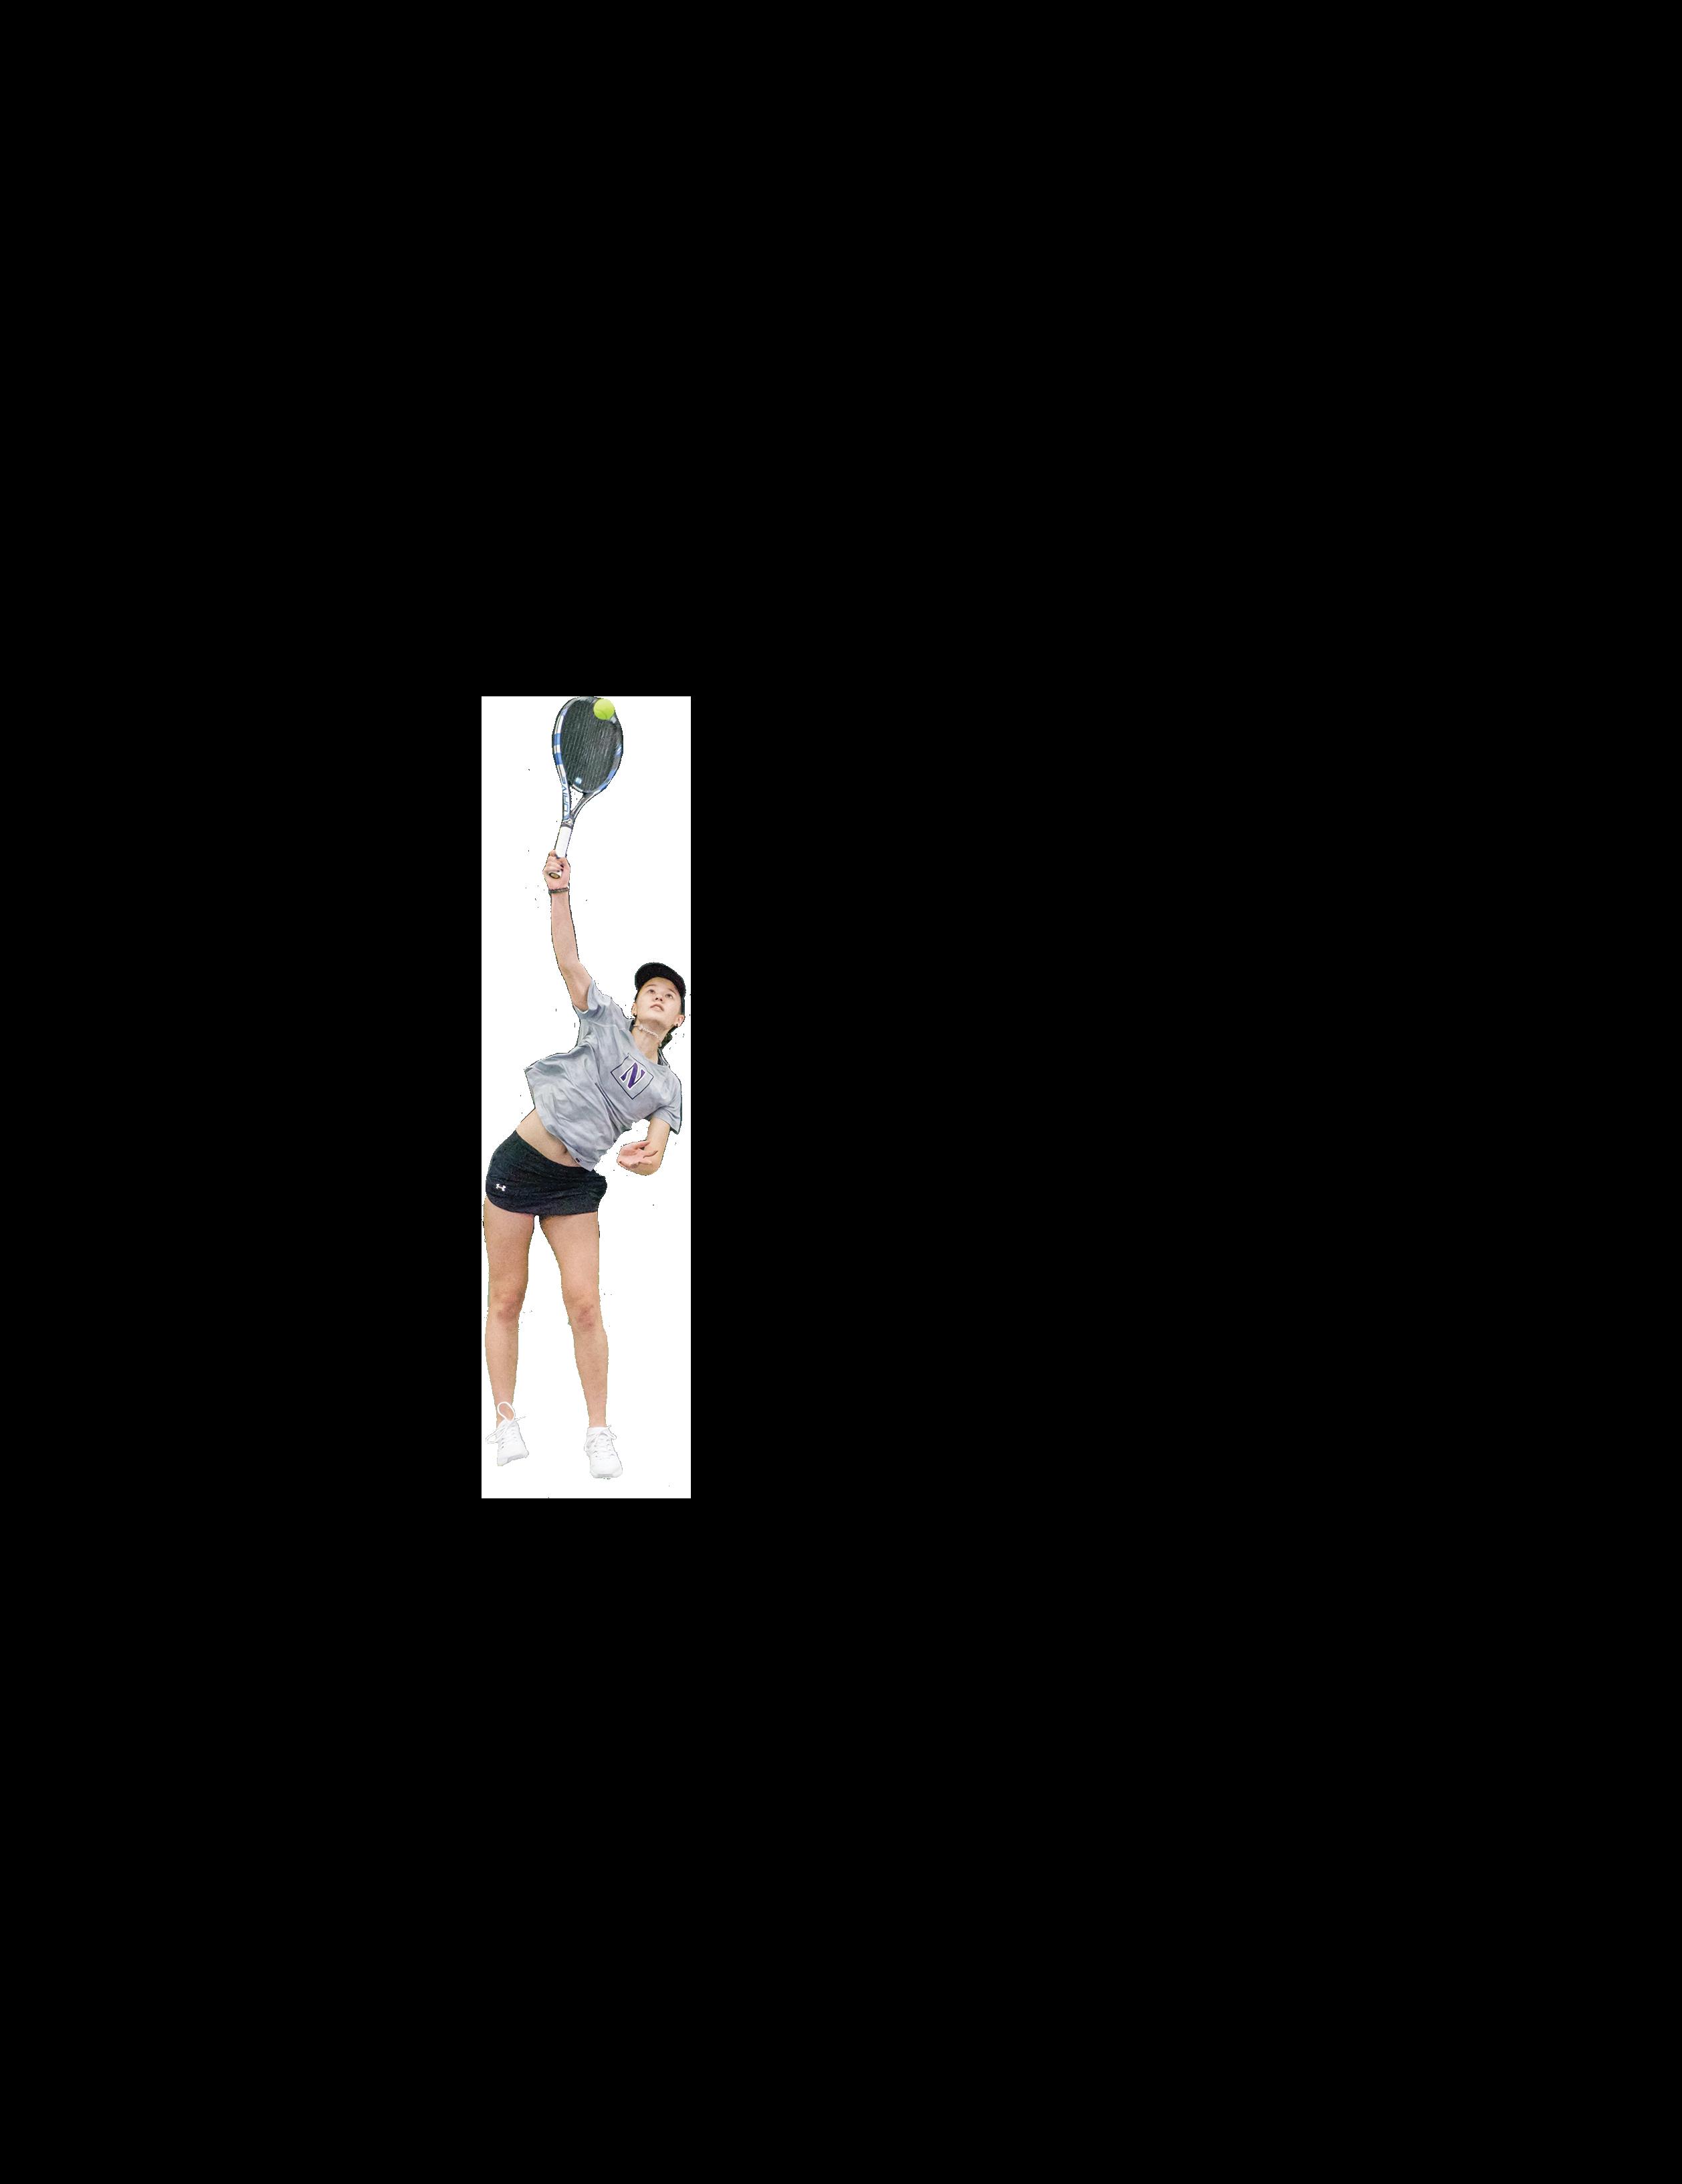 girl-hitting-ball